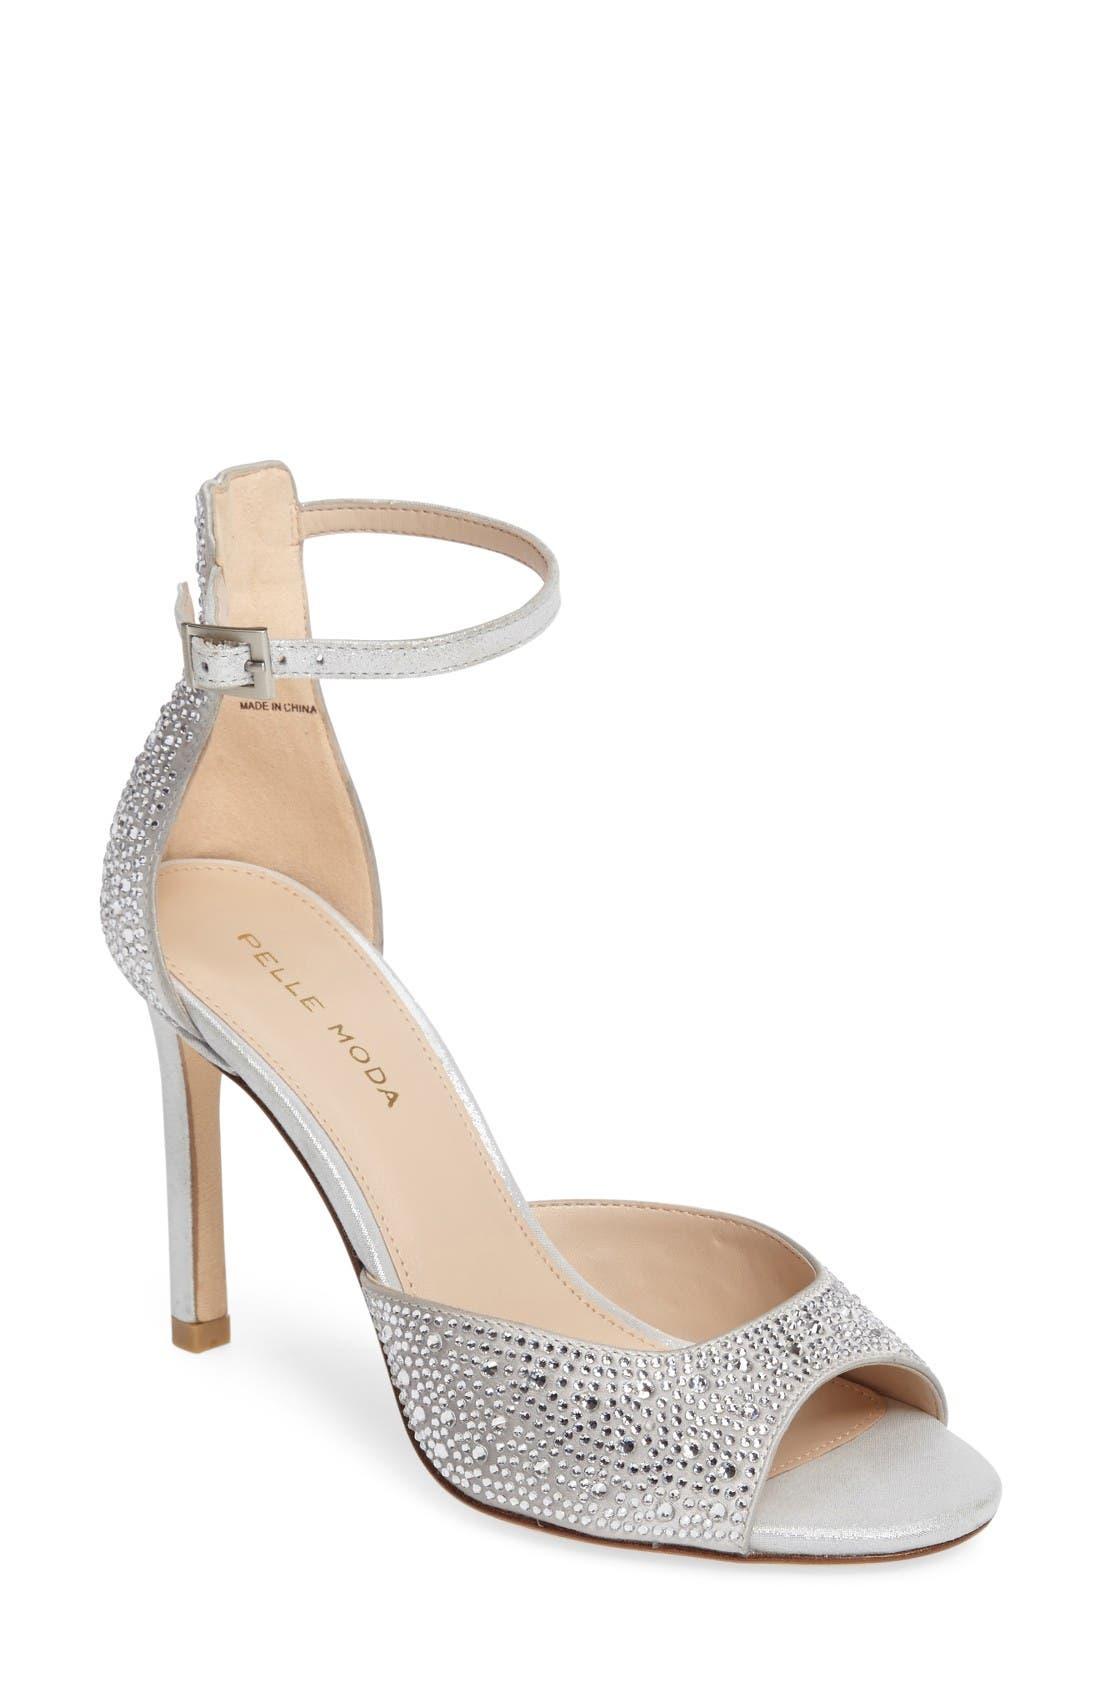 PELLE MODA Crystal Embellished Ankle Strap Sandal